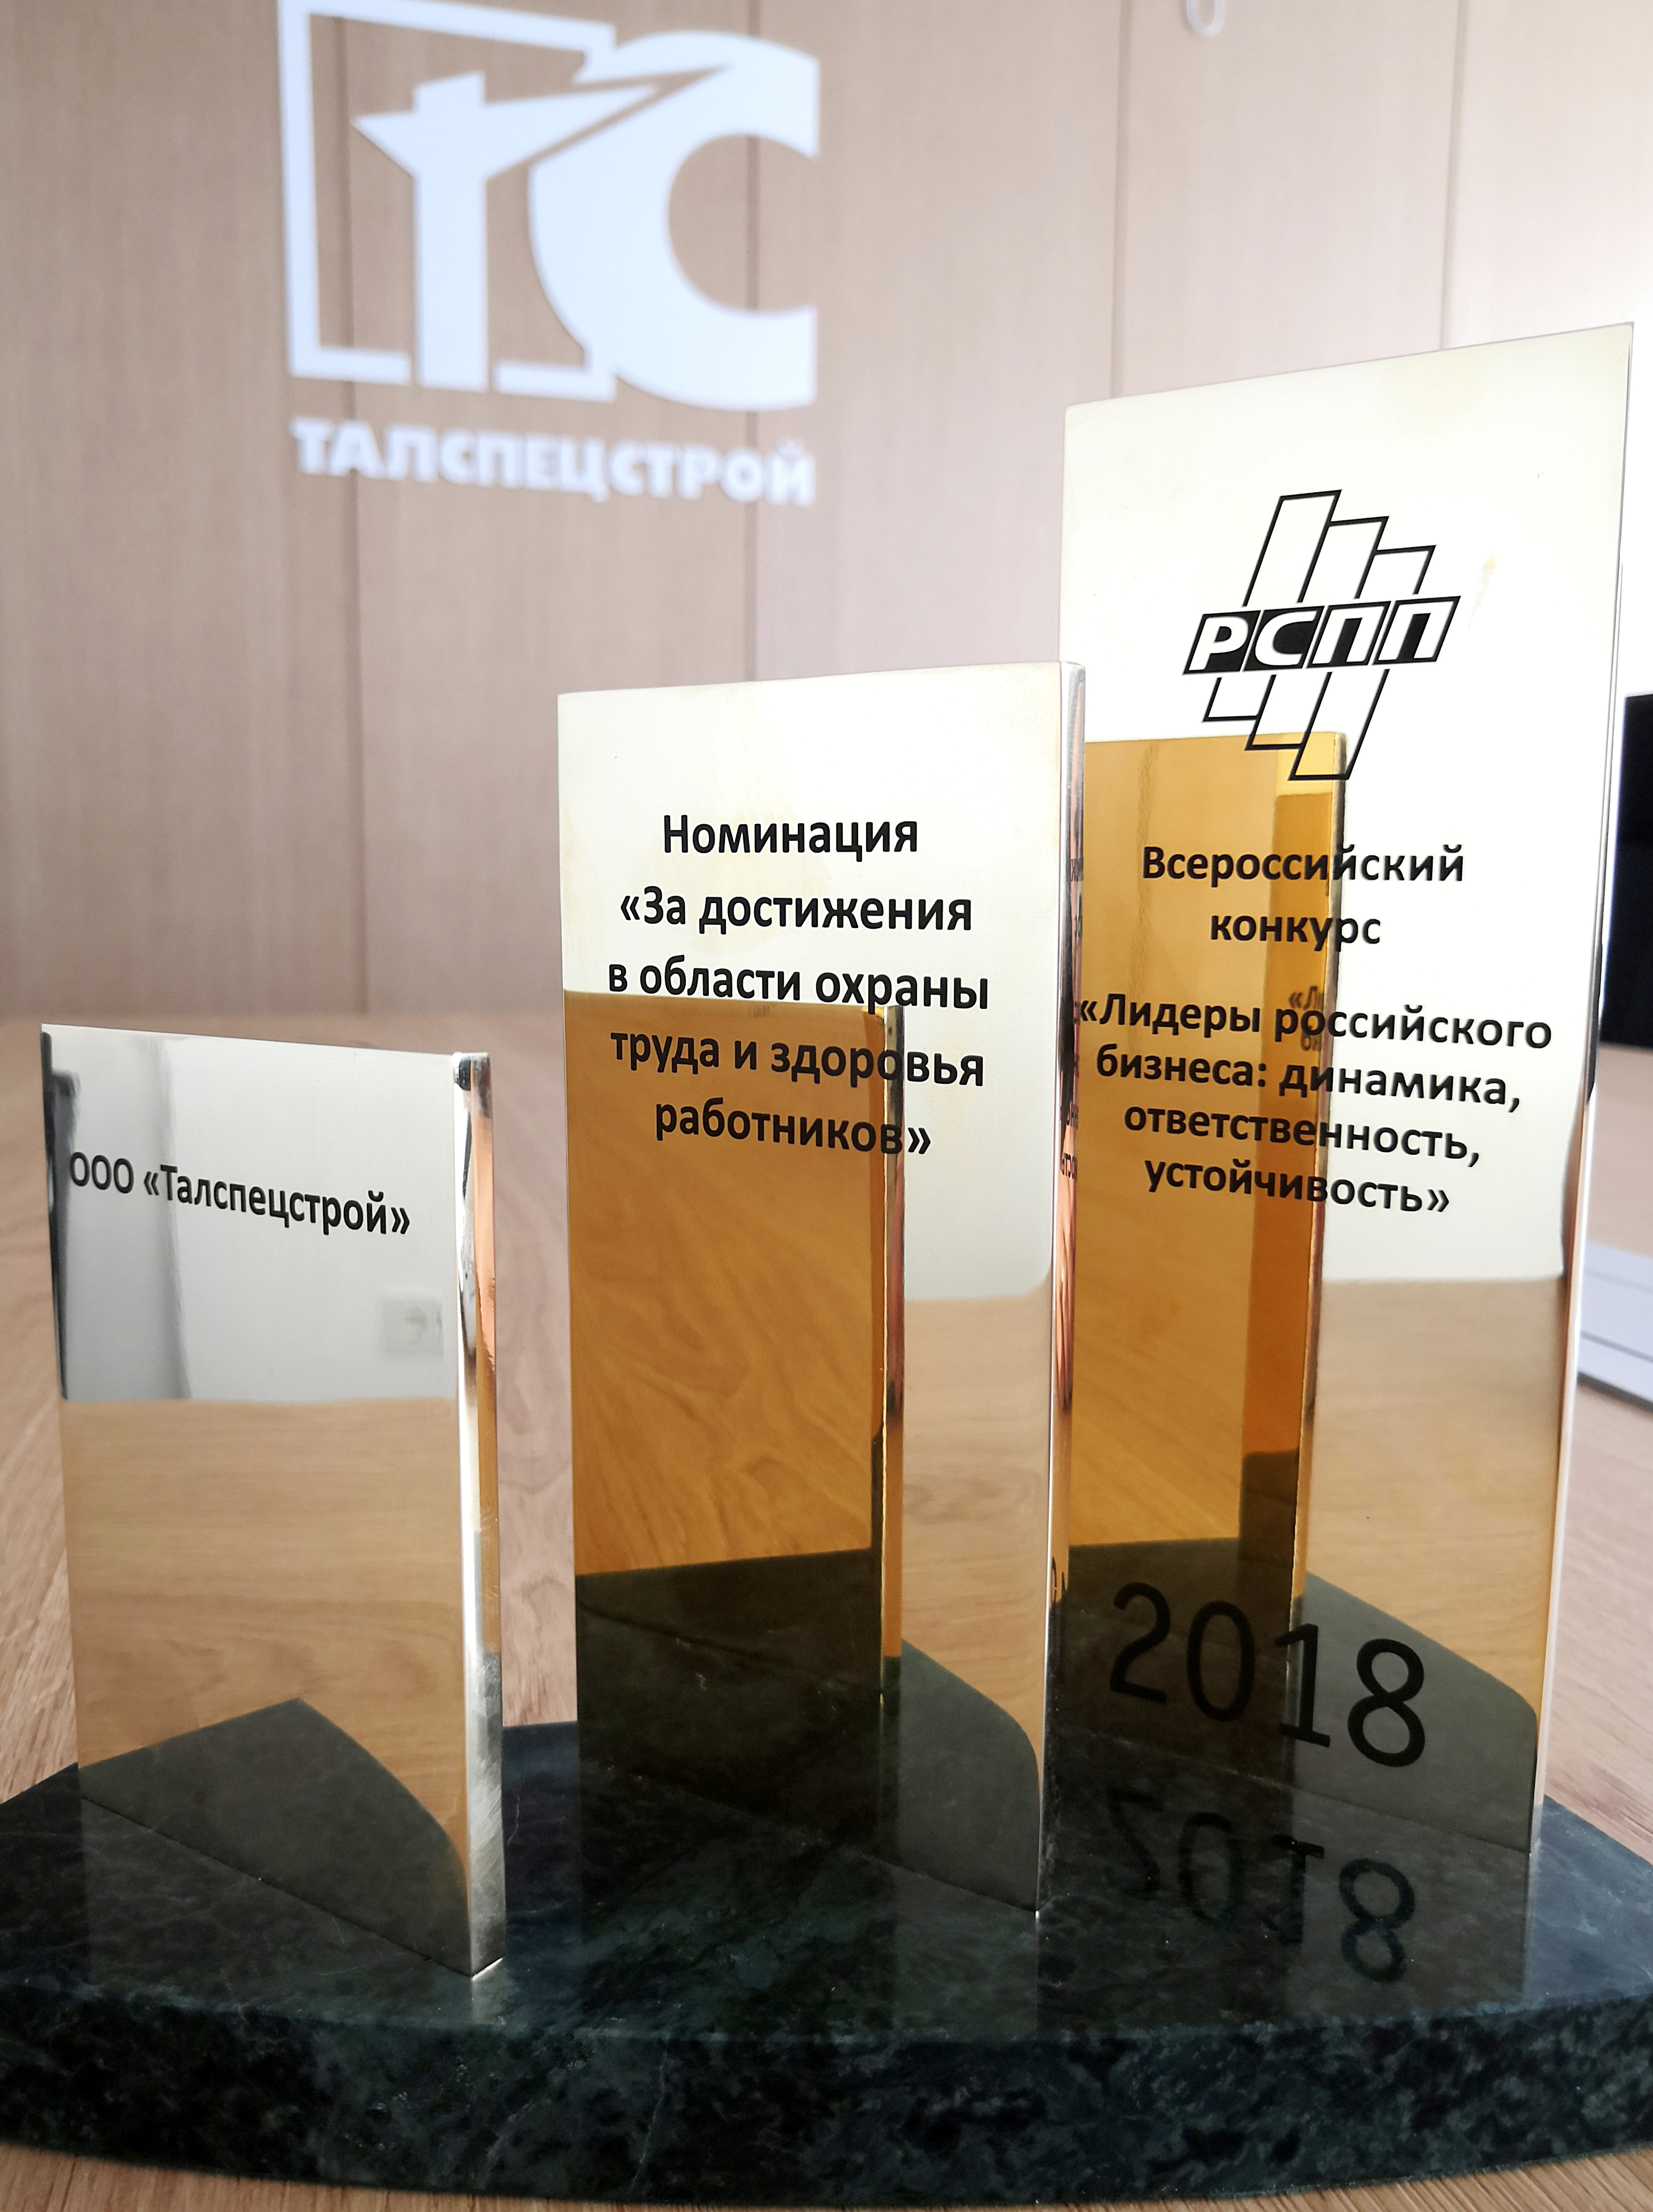 ООО «Талспецстрой» - победитель Всероссийского конкурса РСПП «Лидеры российского бизнеса: динамика, ответственность, устойчивость – 2018».